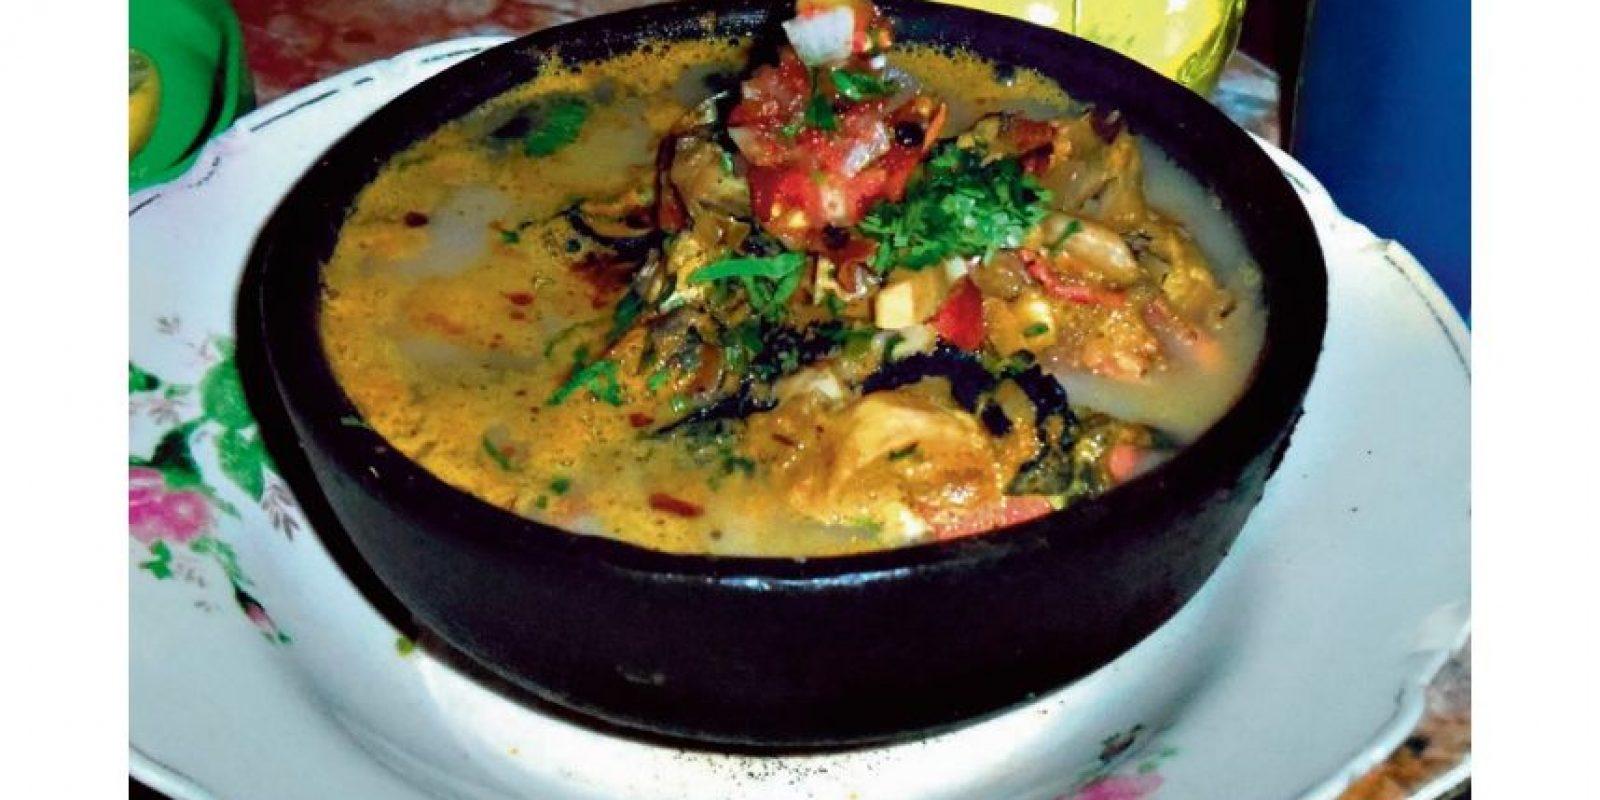 El caldillo de congrio es parte de la cocina costera. Foto:Elementall